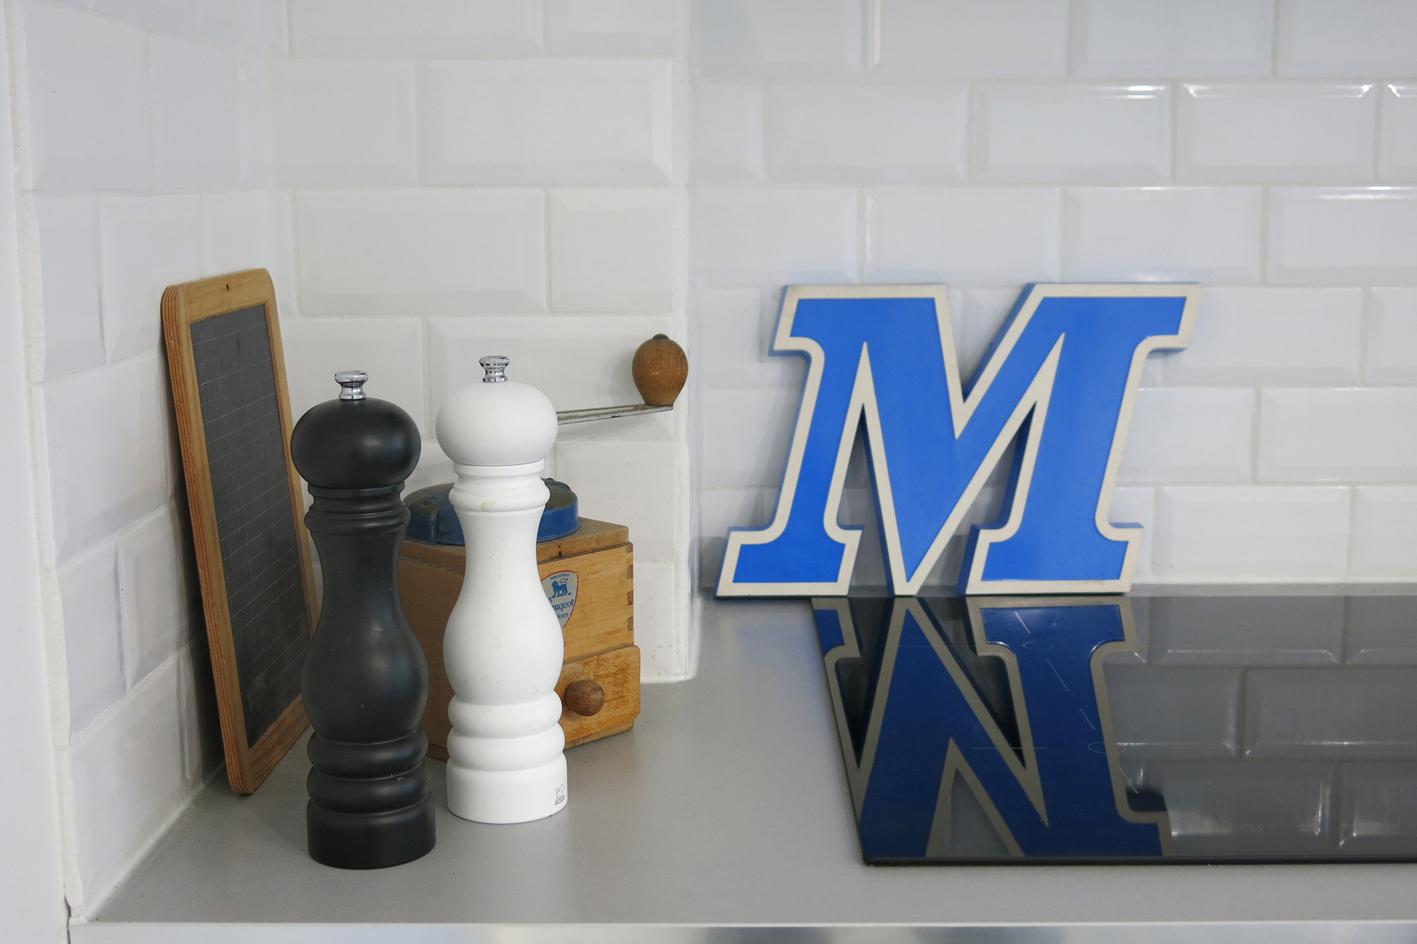 Lettre en plastique M chez    Art-design-etc    3 Rue Bussy l'Indien -13006 Marseille.